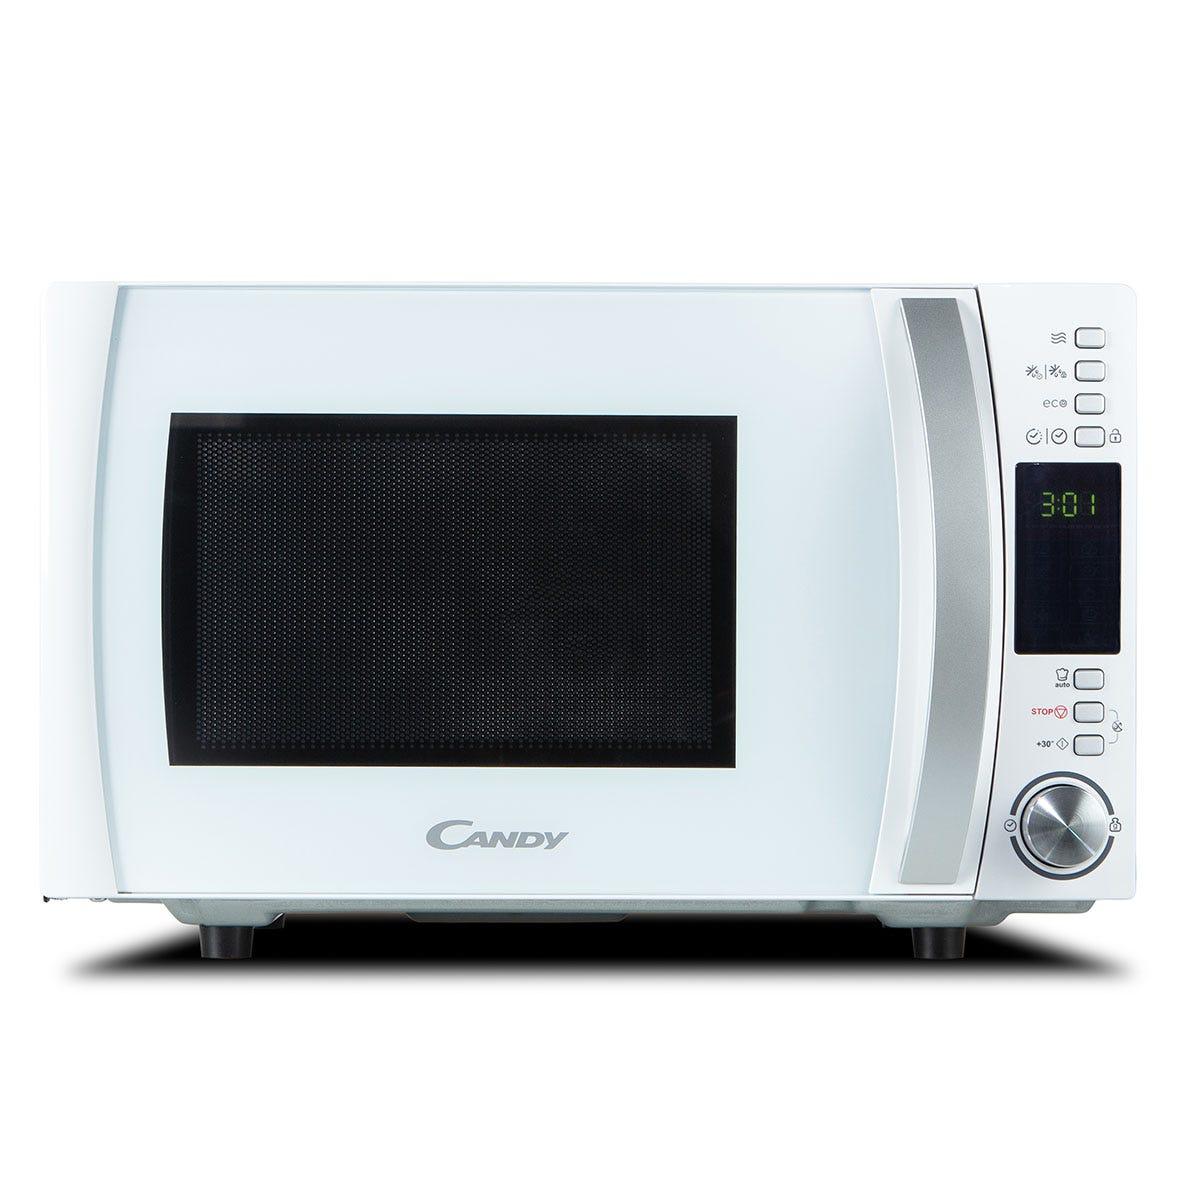 Candy CMXW22DW-UK 22L 700W Microwave - White